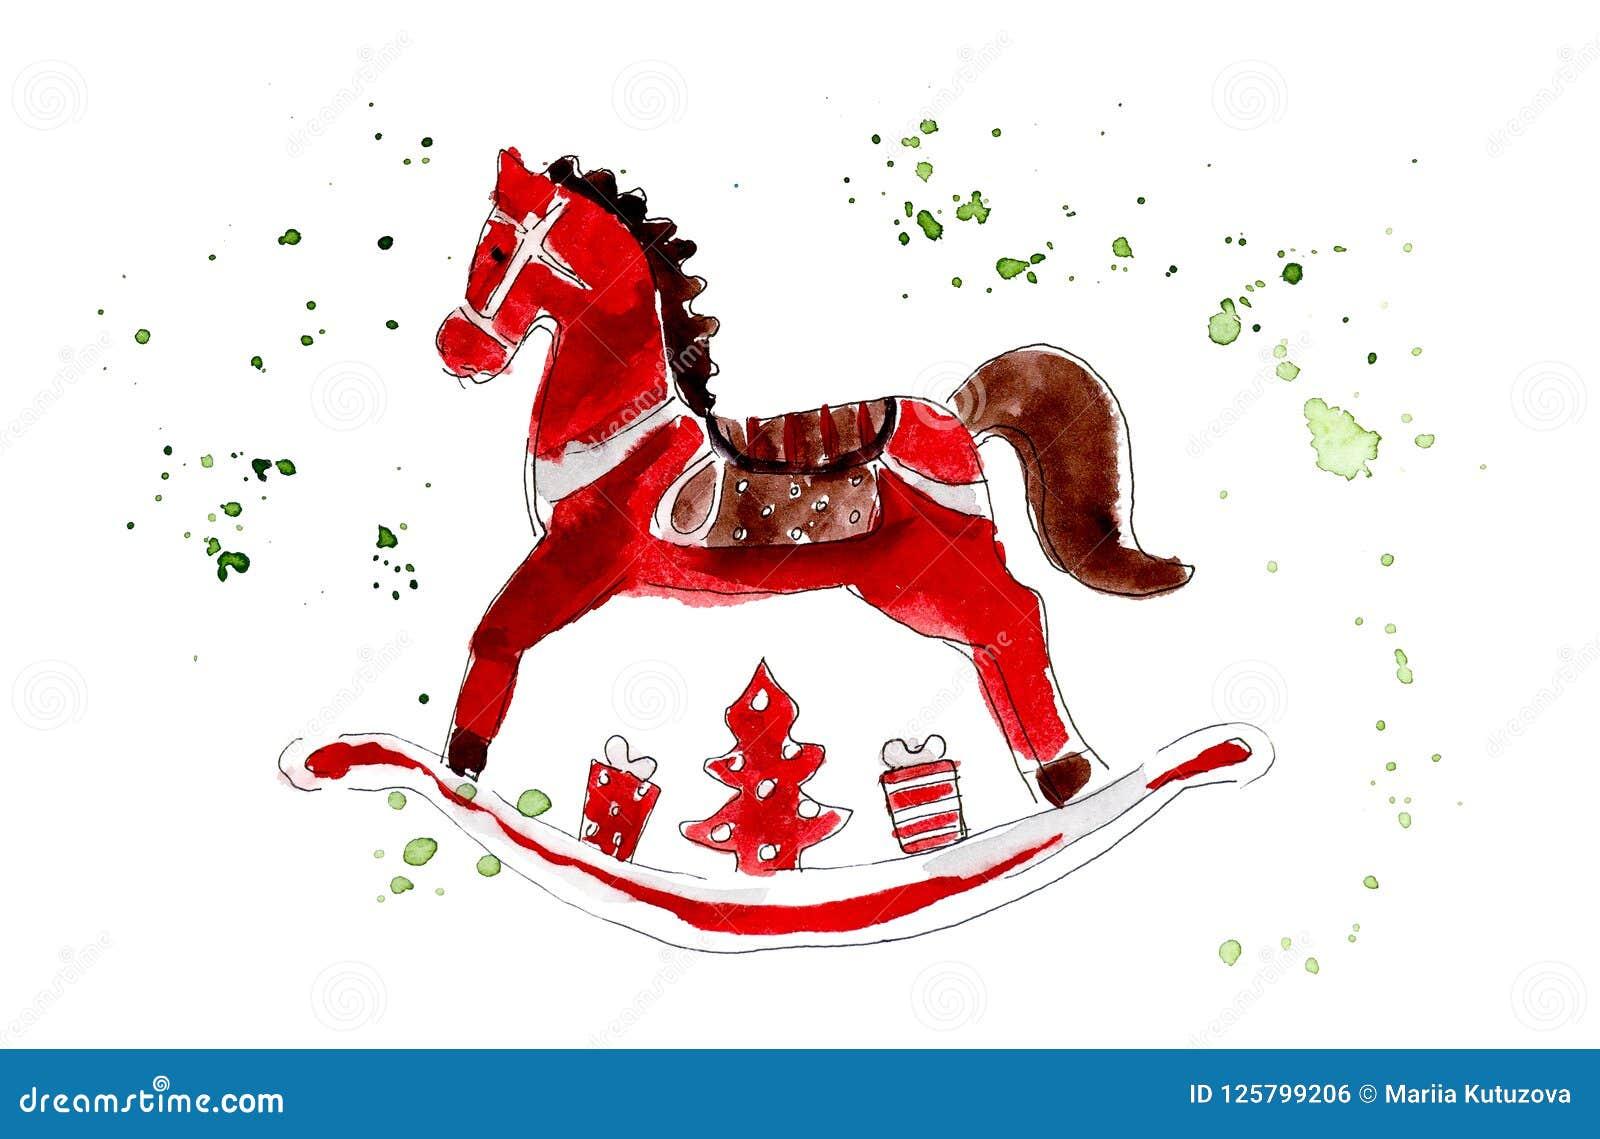 Dibujo Zvusmpqg Caballo Ejemplo Navidad La Rojo Madera Juguetes Del De htrCdsQ